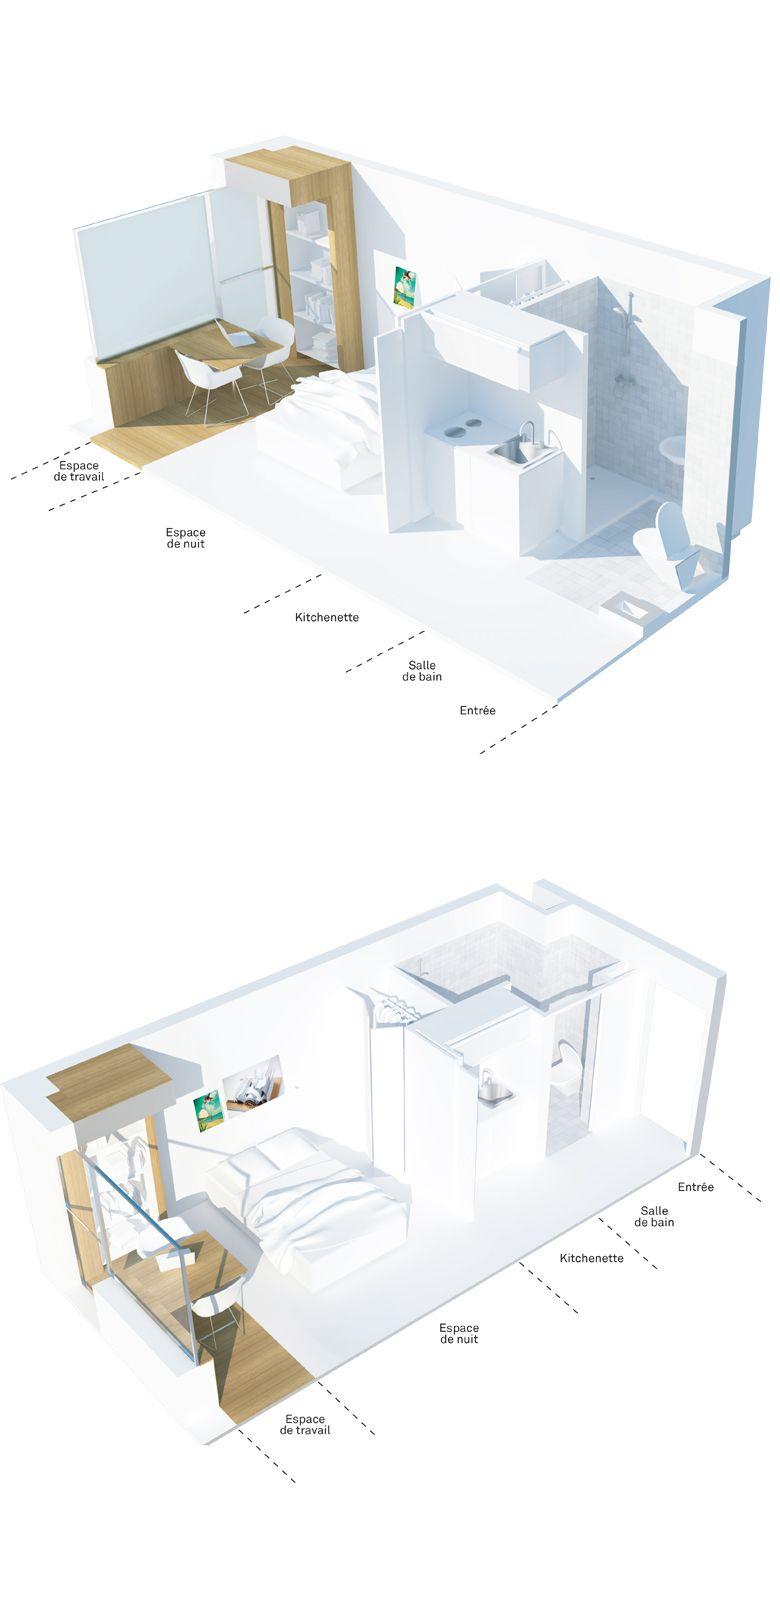 Casa Salle De Bain Rennes ~ stairway to rennes interiors pinterest rennes stairways and arch